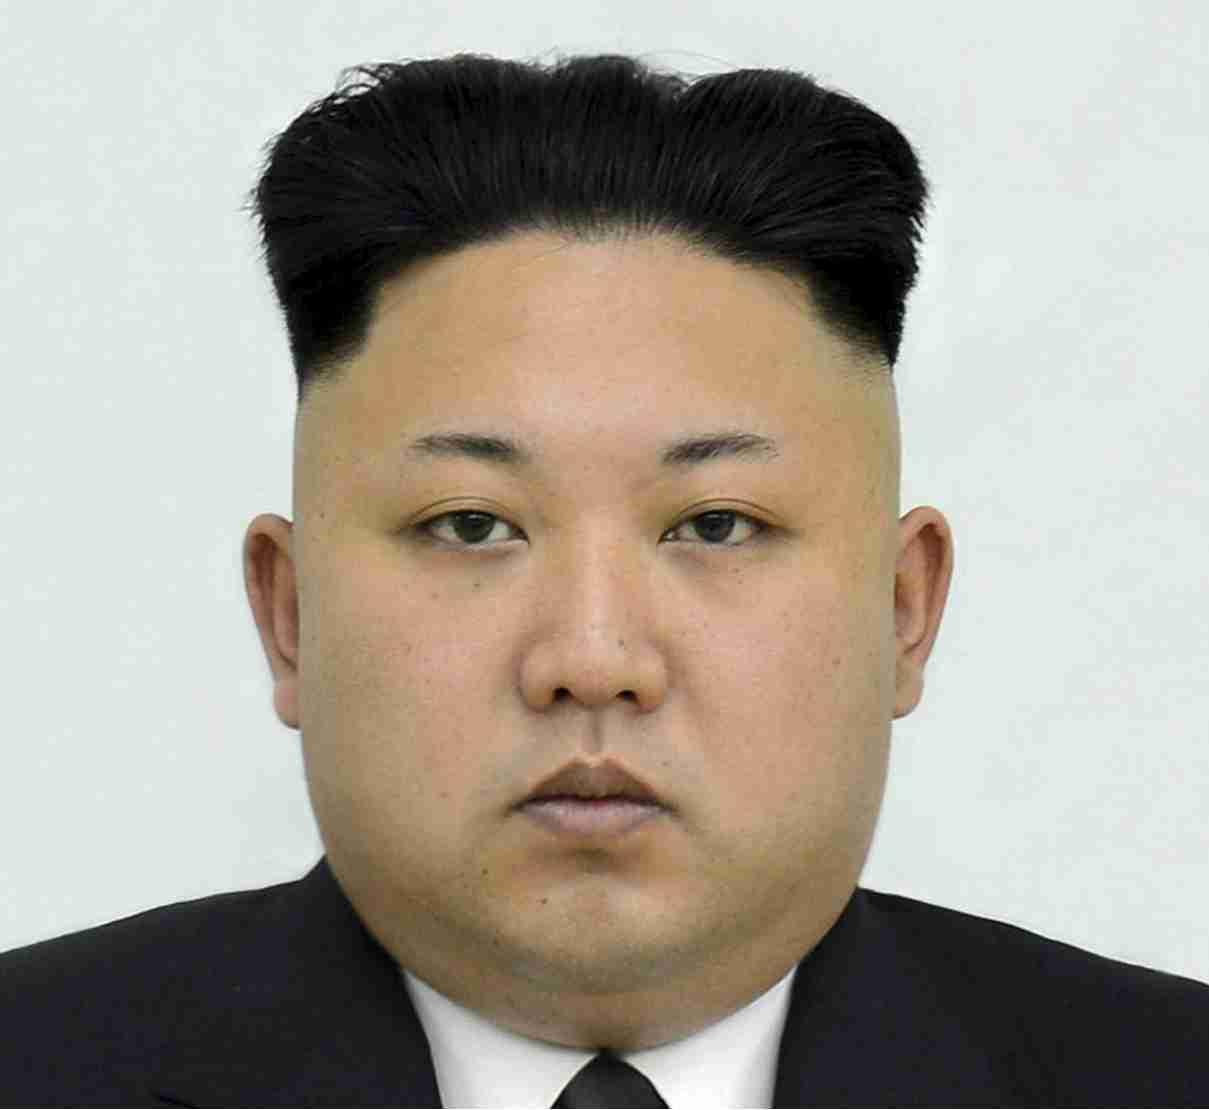 【画像】黒髪の似合う海外の有名人